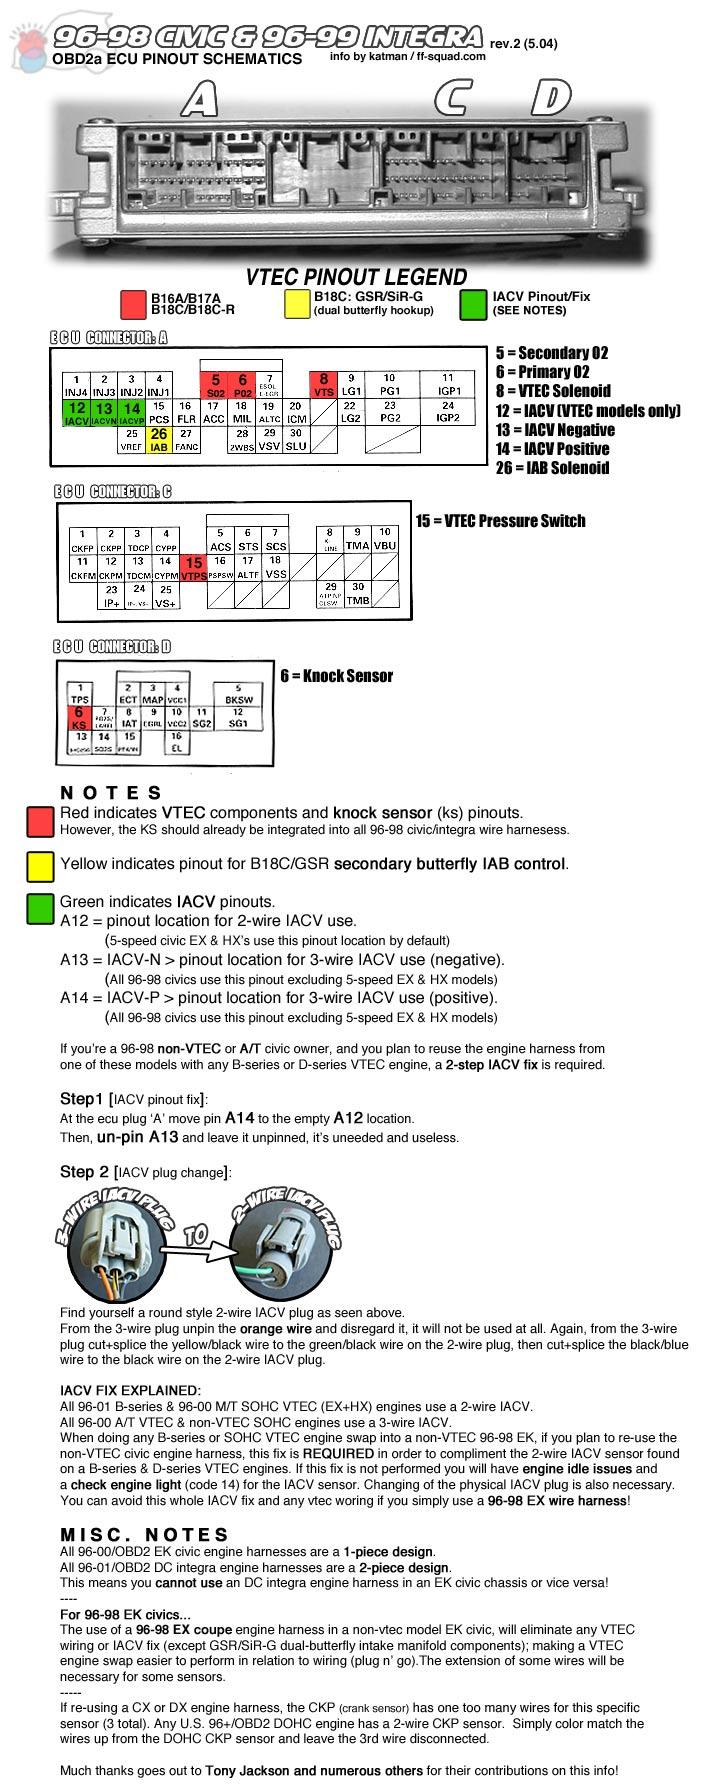 [DIAGRAM] Jdm Honda Civic Ecu Wiring Diagram FULL Version